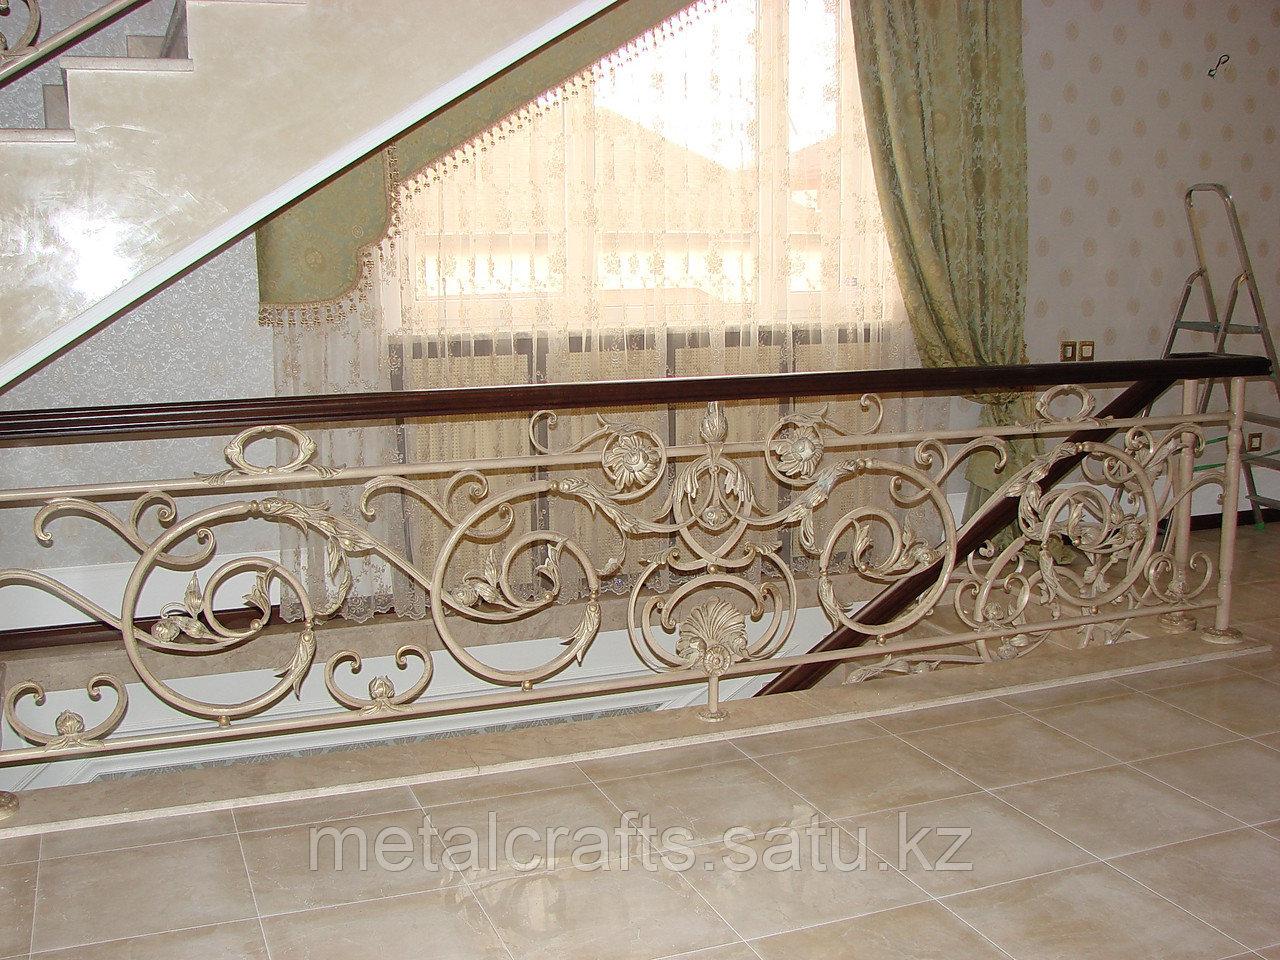 Кованые решетки для окон и дверей на заказ. Алматы - фото 10